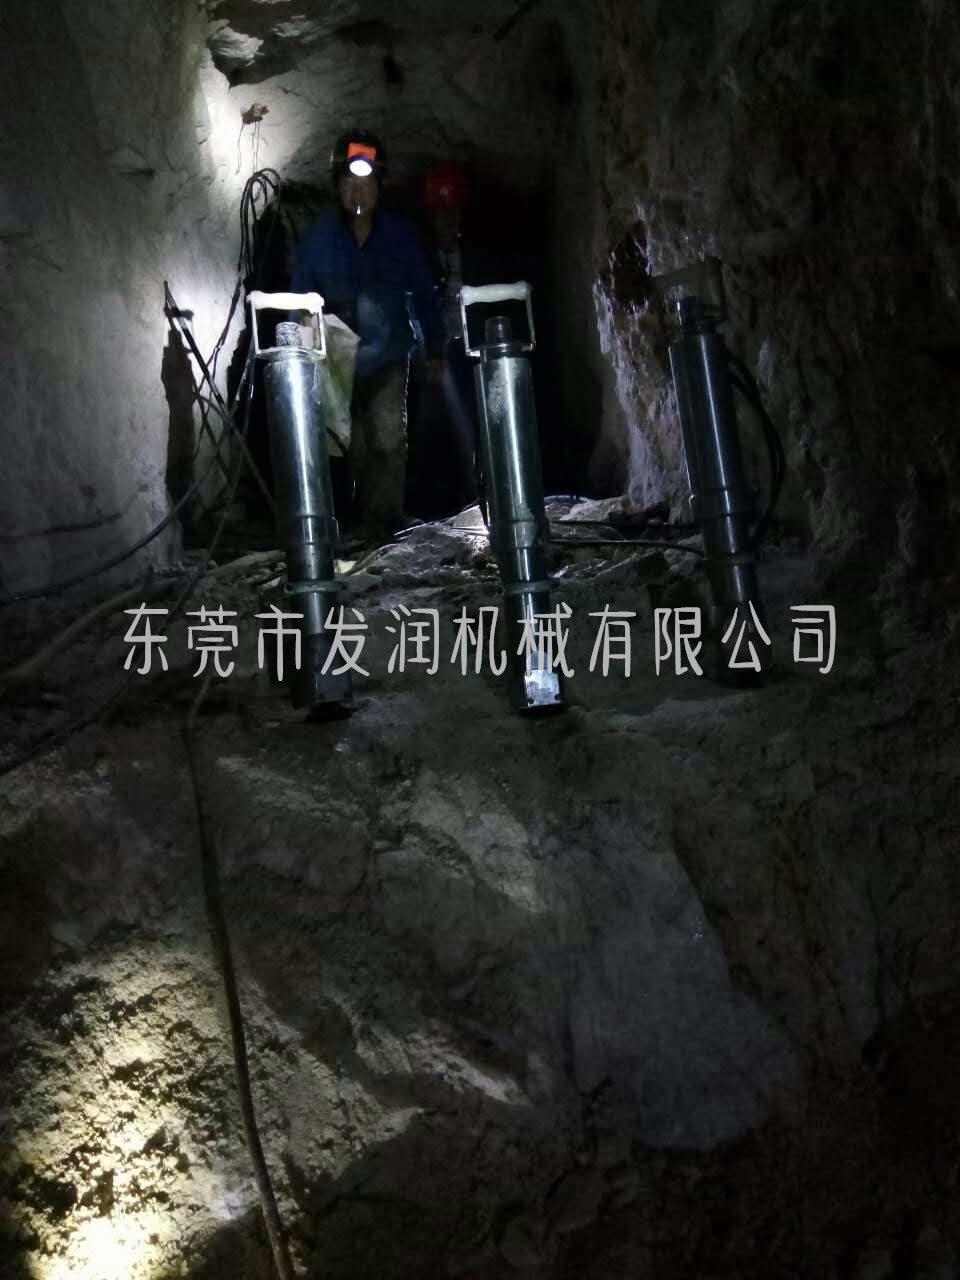 推薦:阿壩 挖掘機載劈裂機新型靜態采礦設備